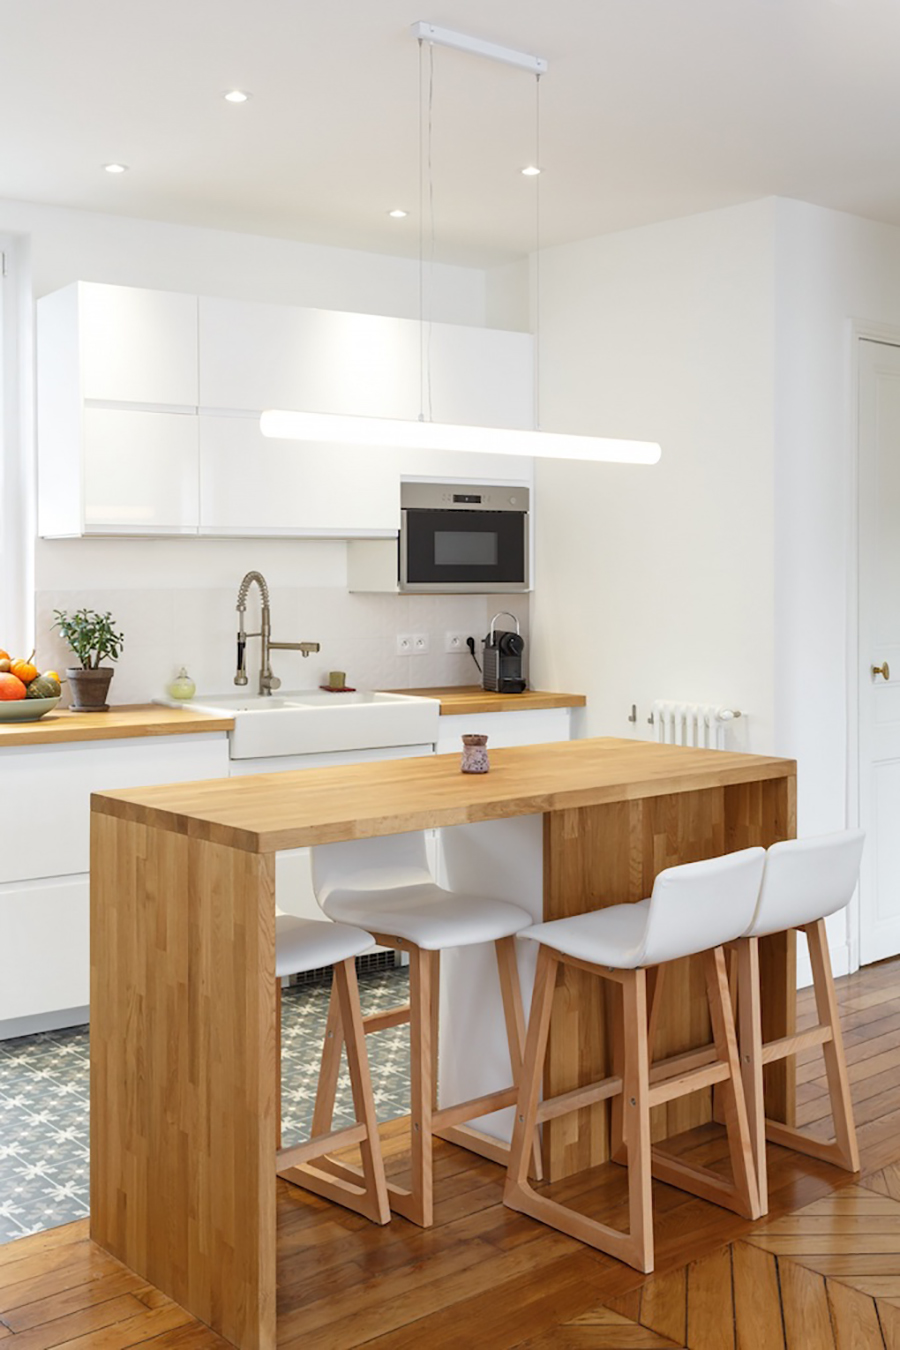 Las cocinas abiertas se ven muy amplias.